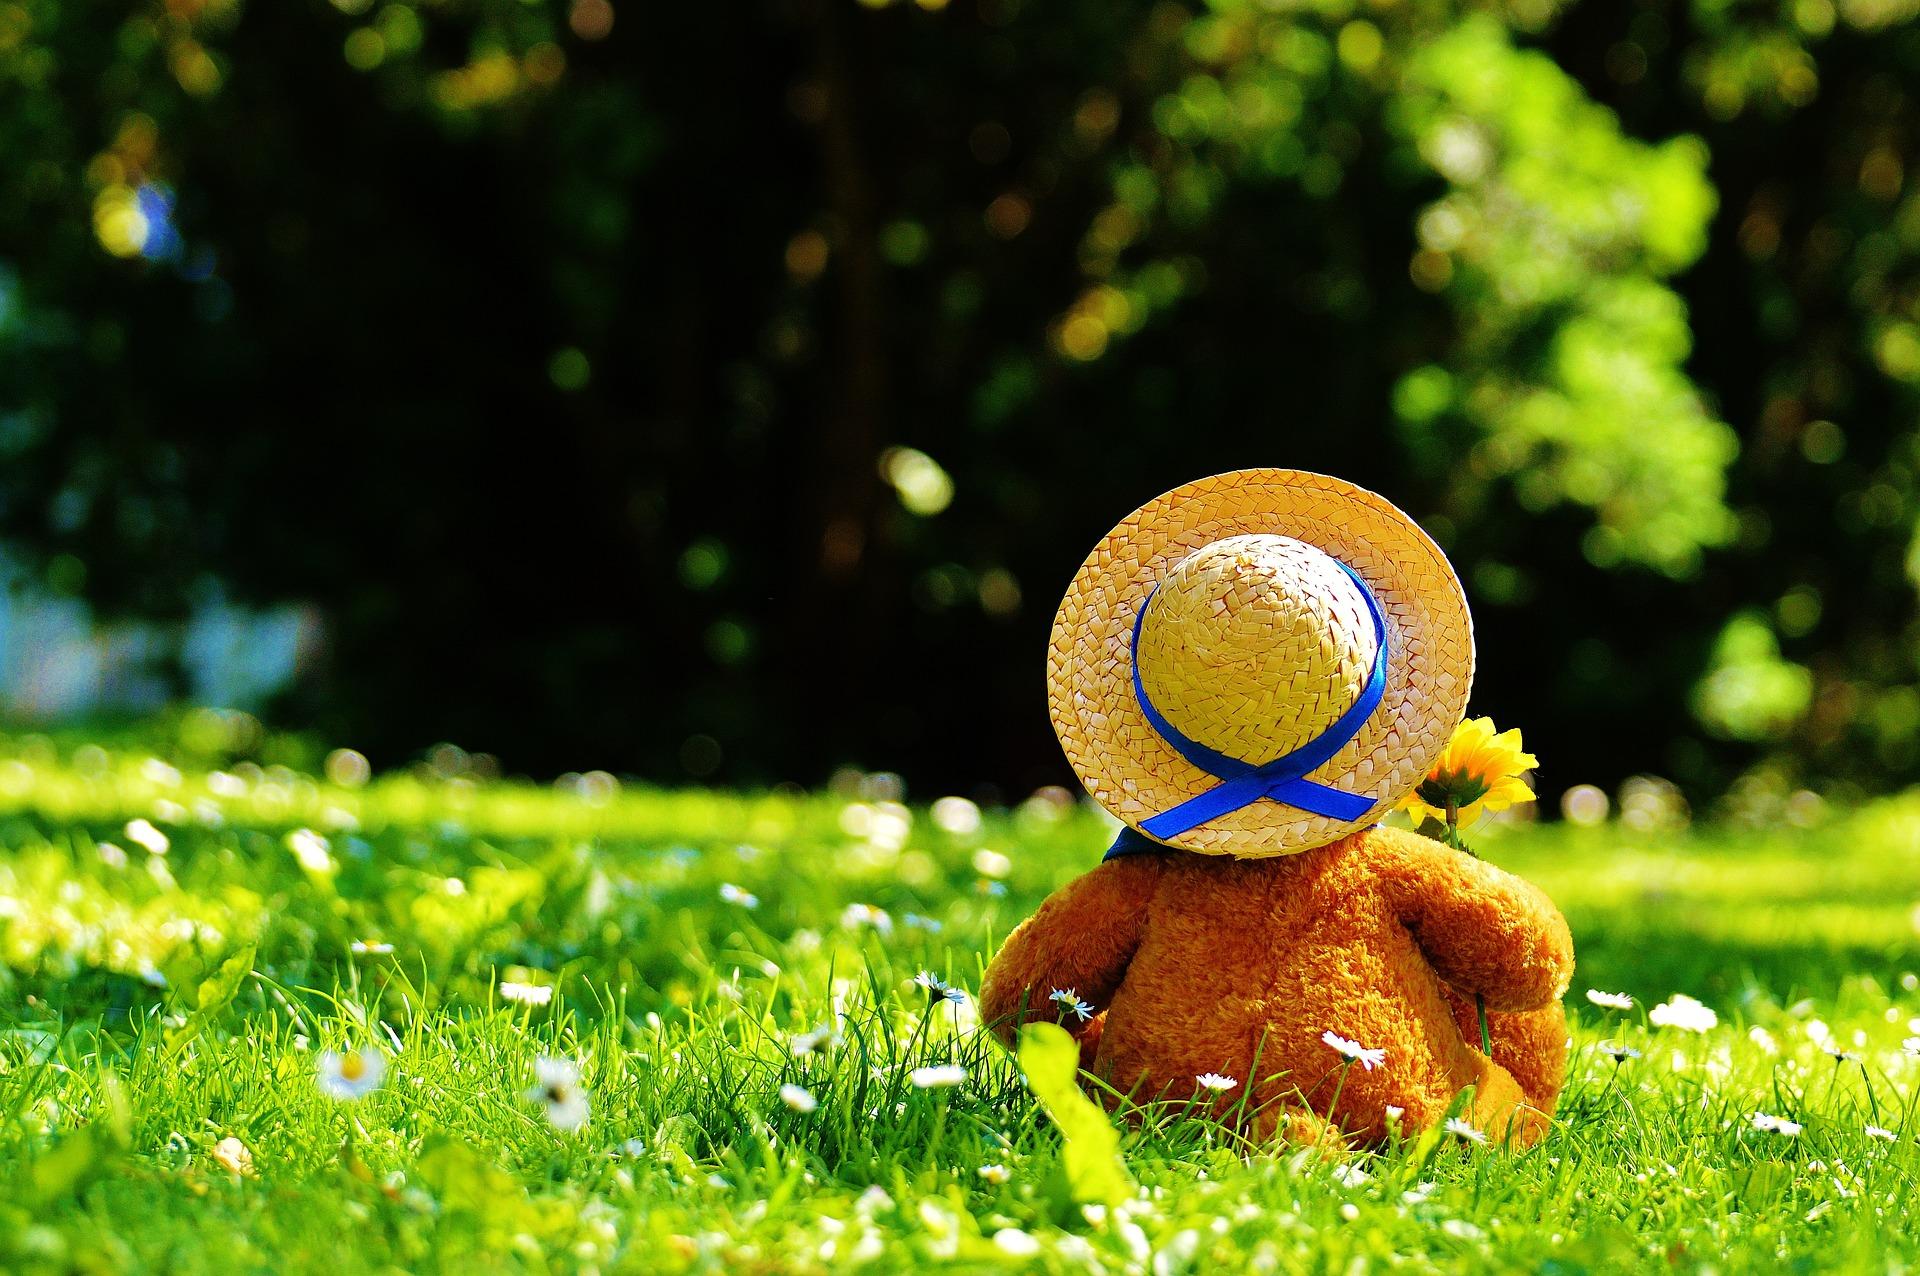 Teddy bear 797577 1920